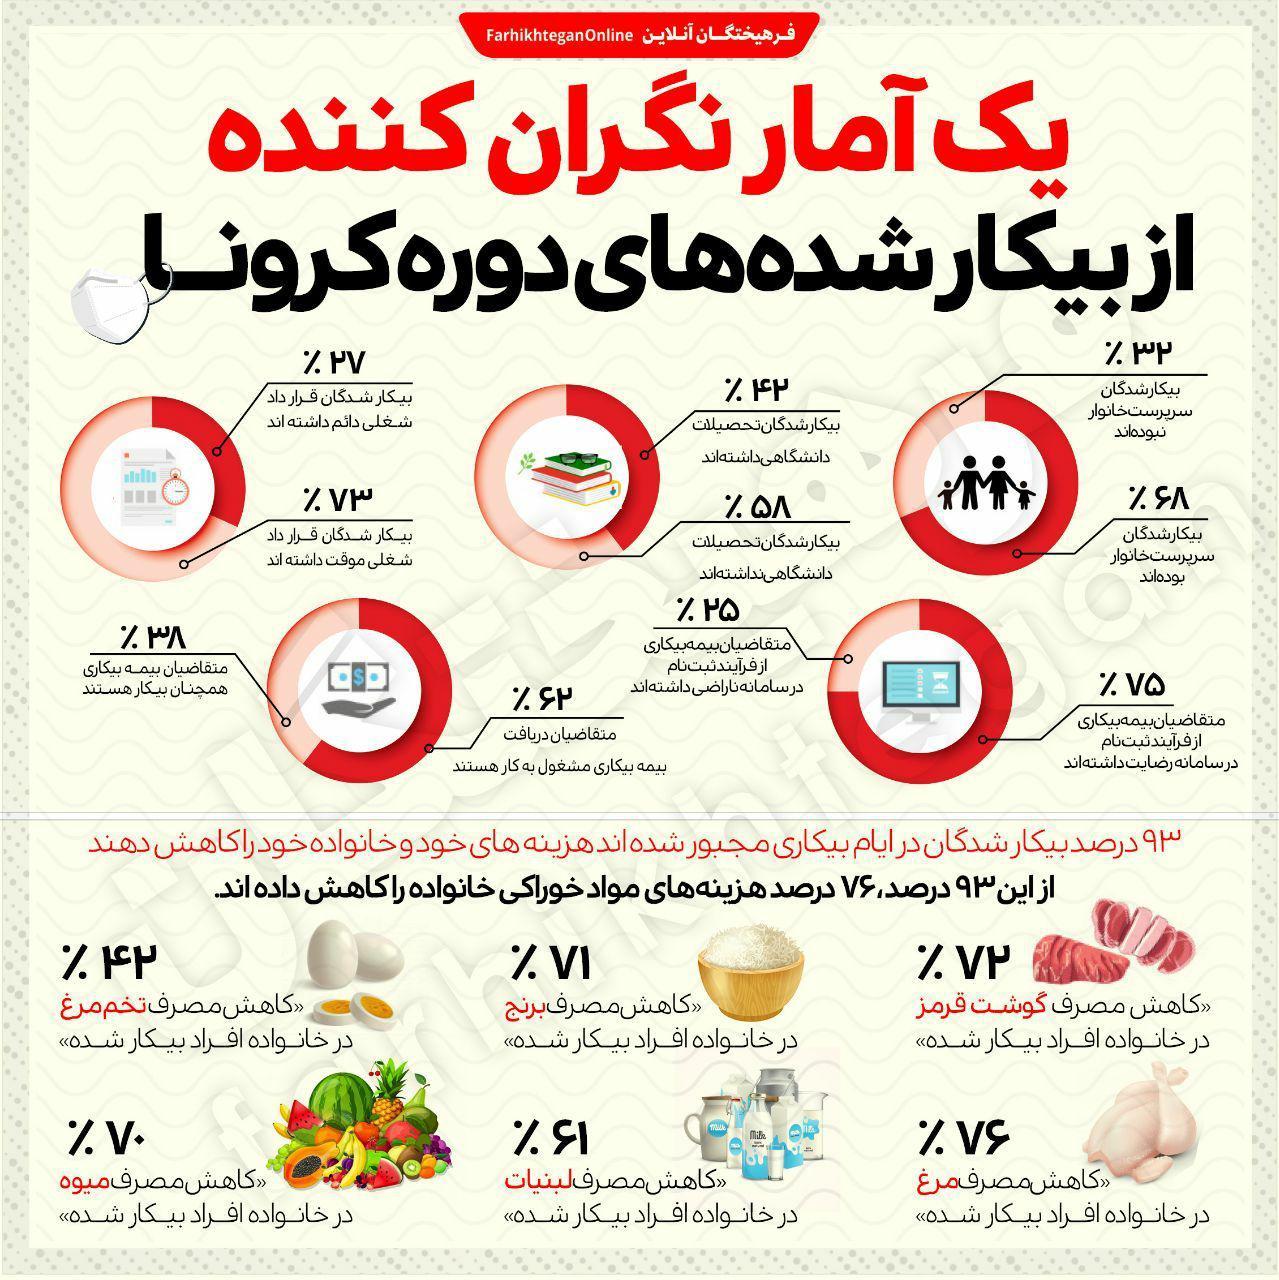 یک آمار بسیار نگرانکننده از بیکار شدههای دوران کرونا در ایران+ اینفوگرافی